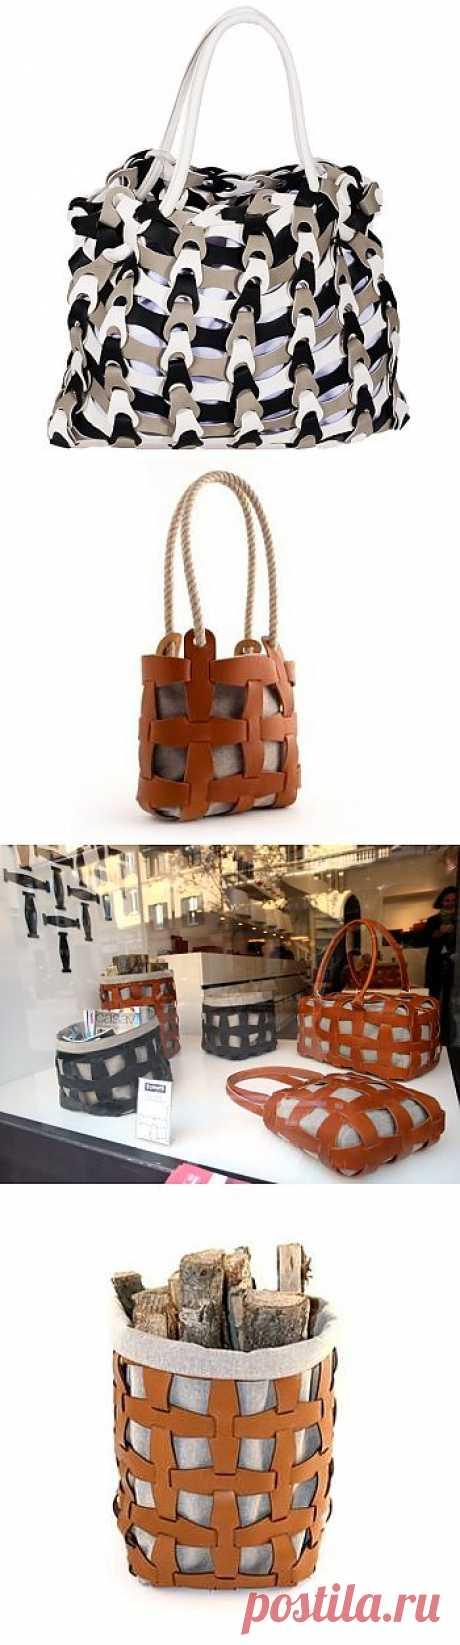 Ручная работа из коллекции Pinetti / Сумки, клатчи, чемоданы / Модный сайт о стильной переделке одежды и интерьера